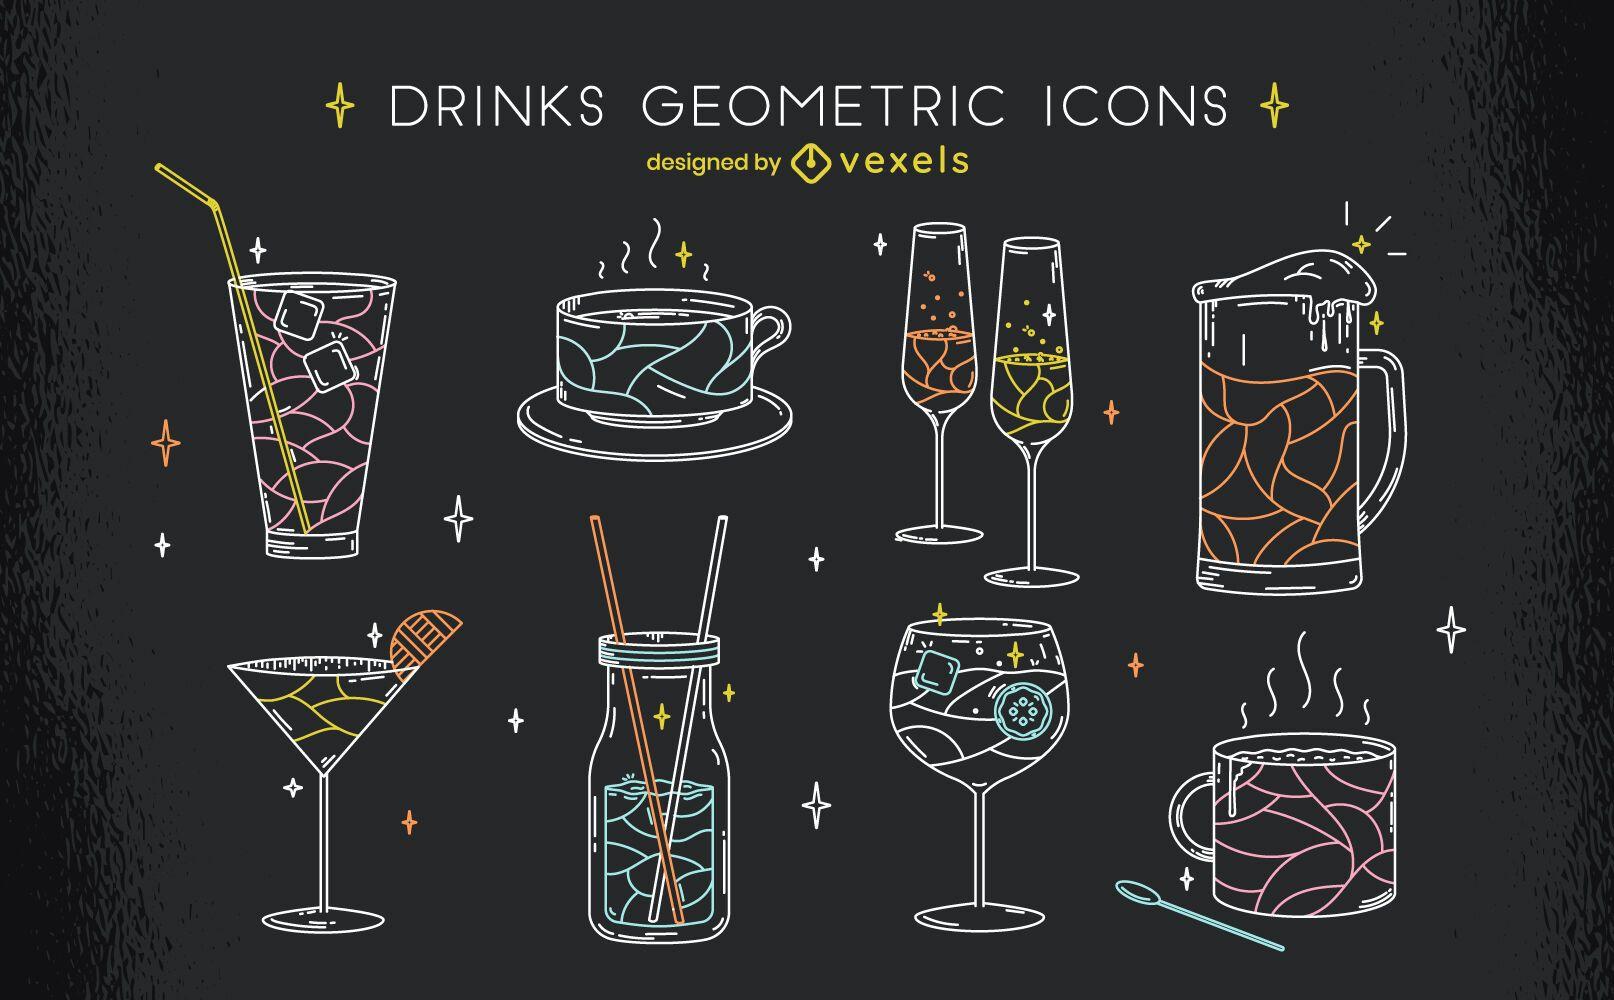 Geometrisches Strichgrafik-Set für Getränke trinken